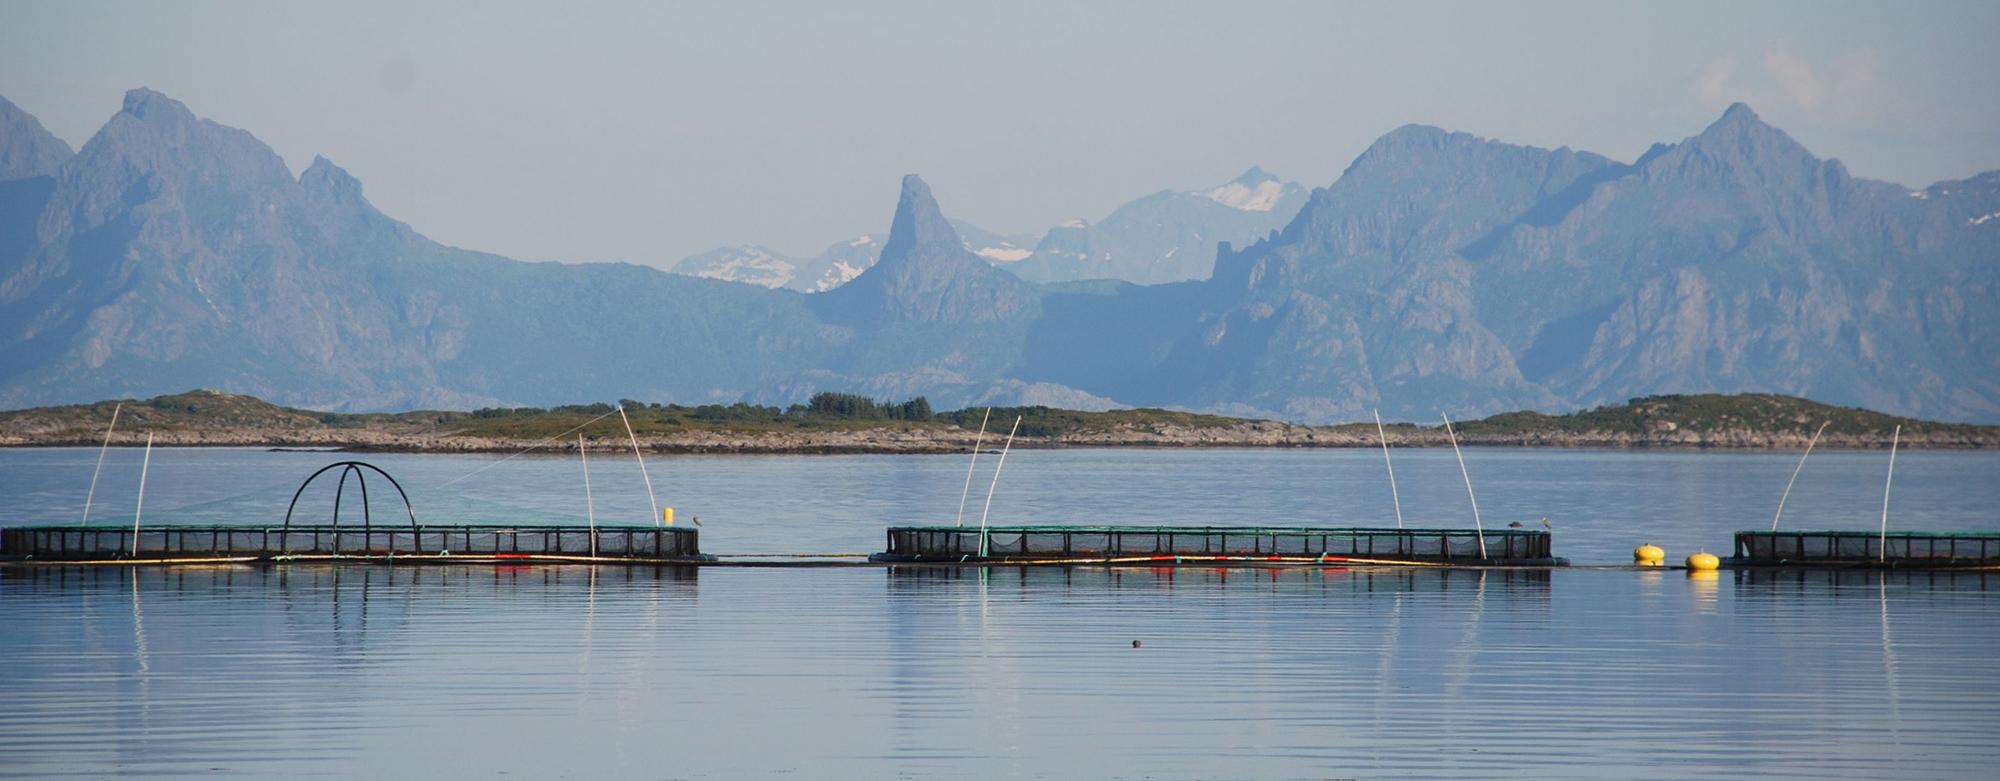 Oppdrettsmerder i fjord